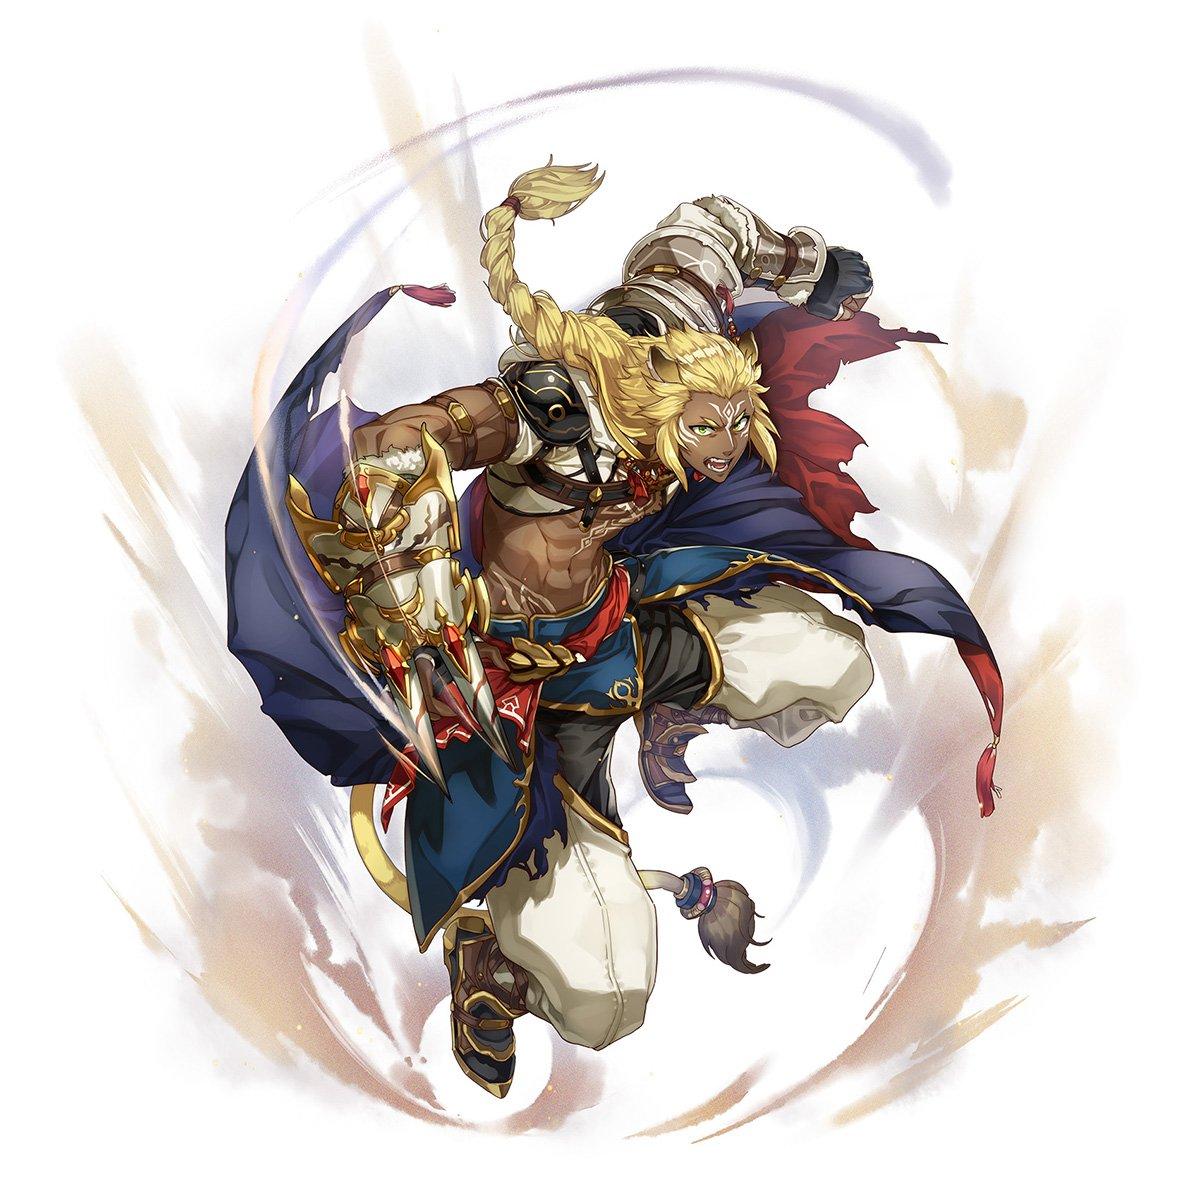 【新SSR「タイガ」登場!!】本日2/20 17:00より開催中のガチャに3人の新キャラクターが追加されました✧[SSR